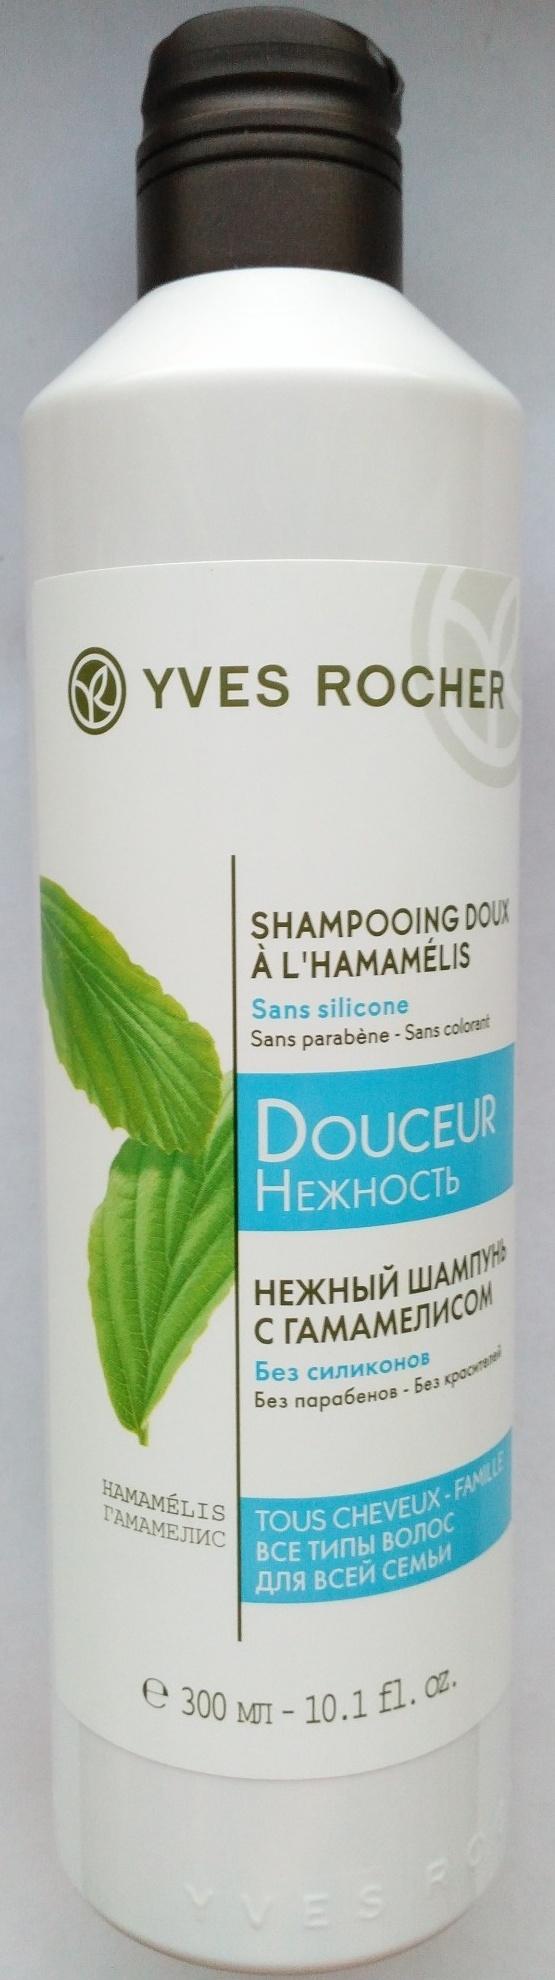 Нежный шампунь с гамамелисом - Product